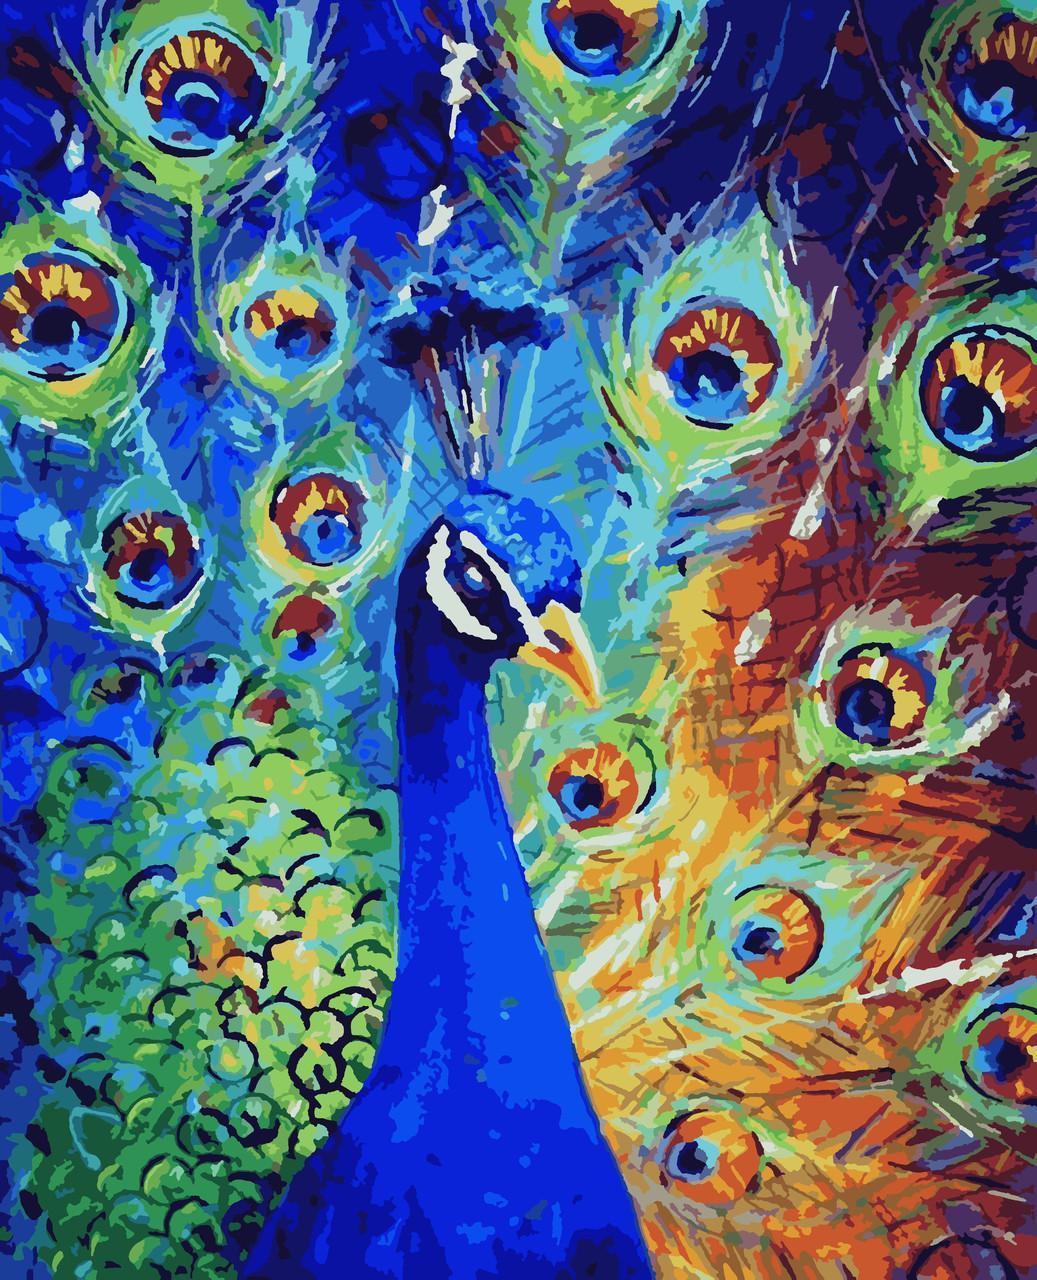 Картина малювання за номерами Павич PNX2935 Artissimo 50х60см розпис за номерами набір, фарби, пензлі, полотно